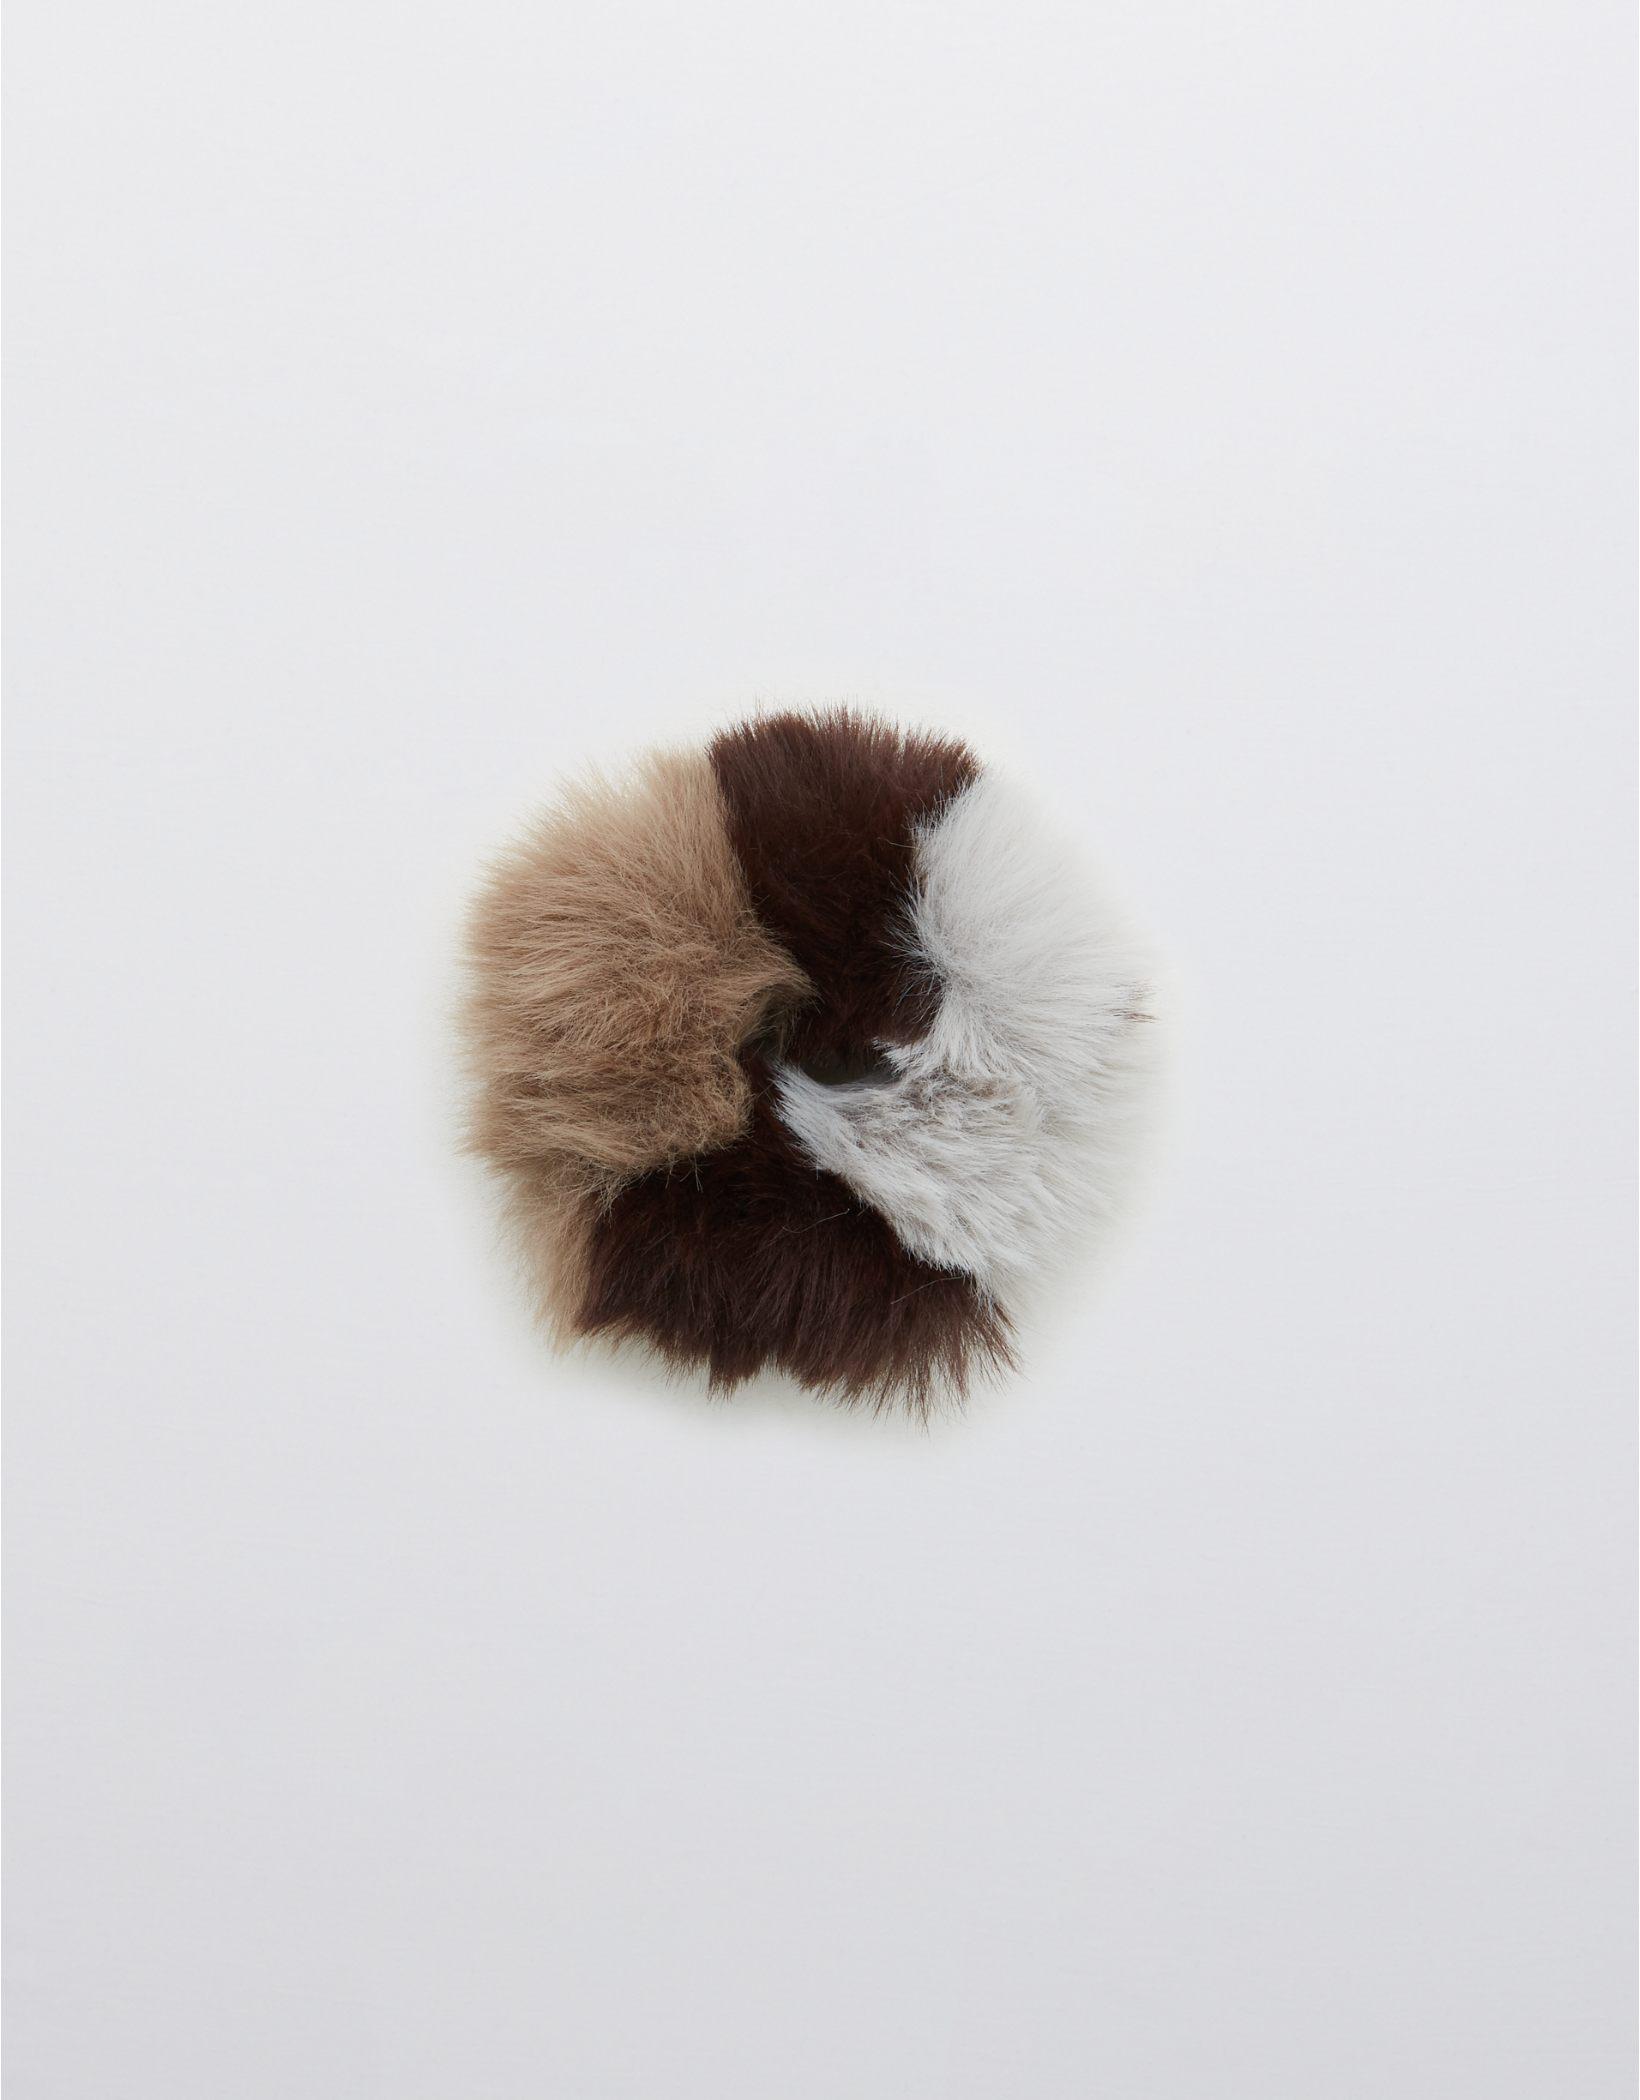 Aerie Striped Fur Scrunchie